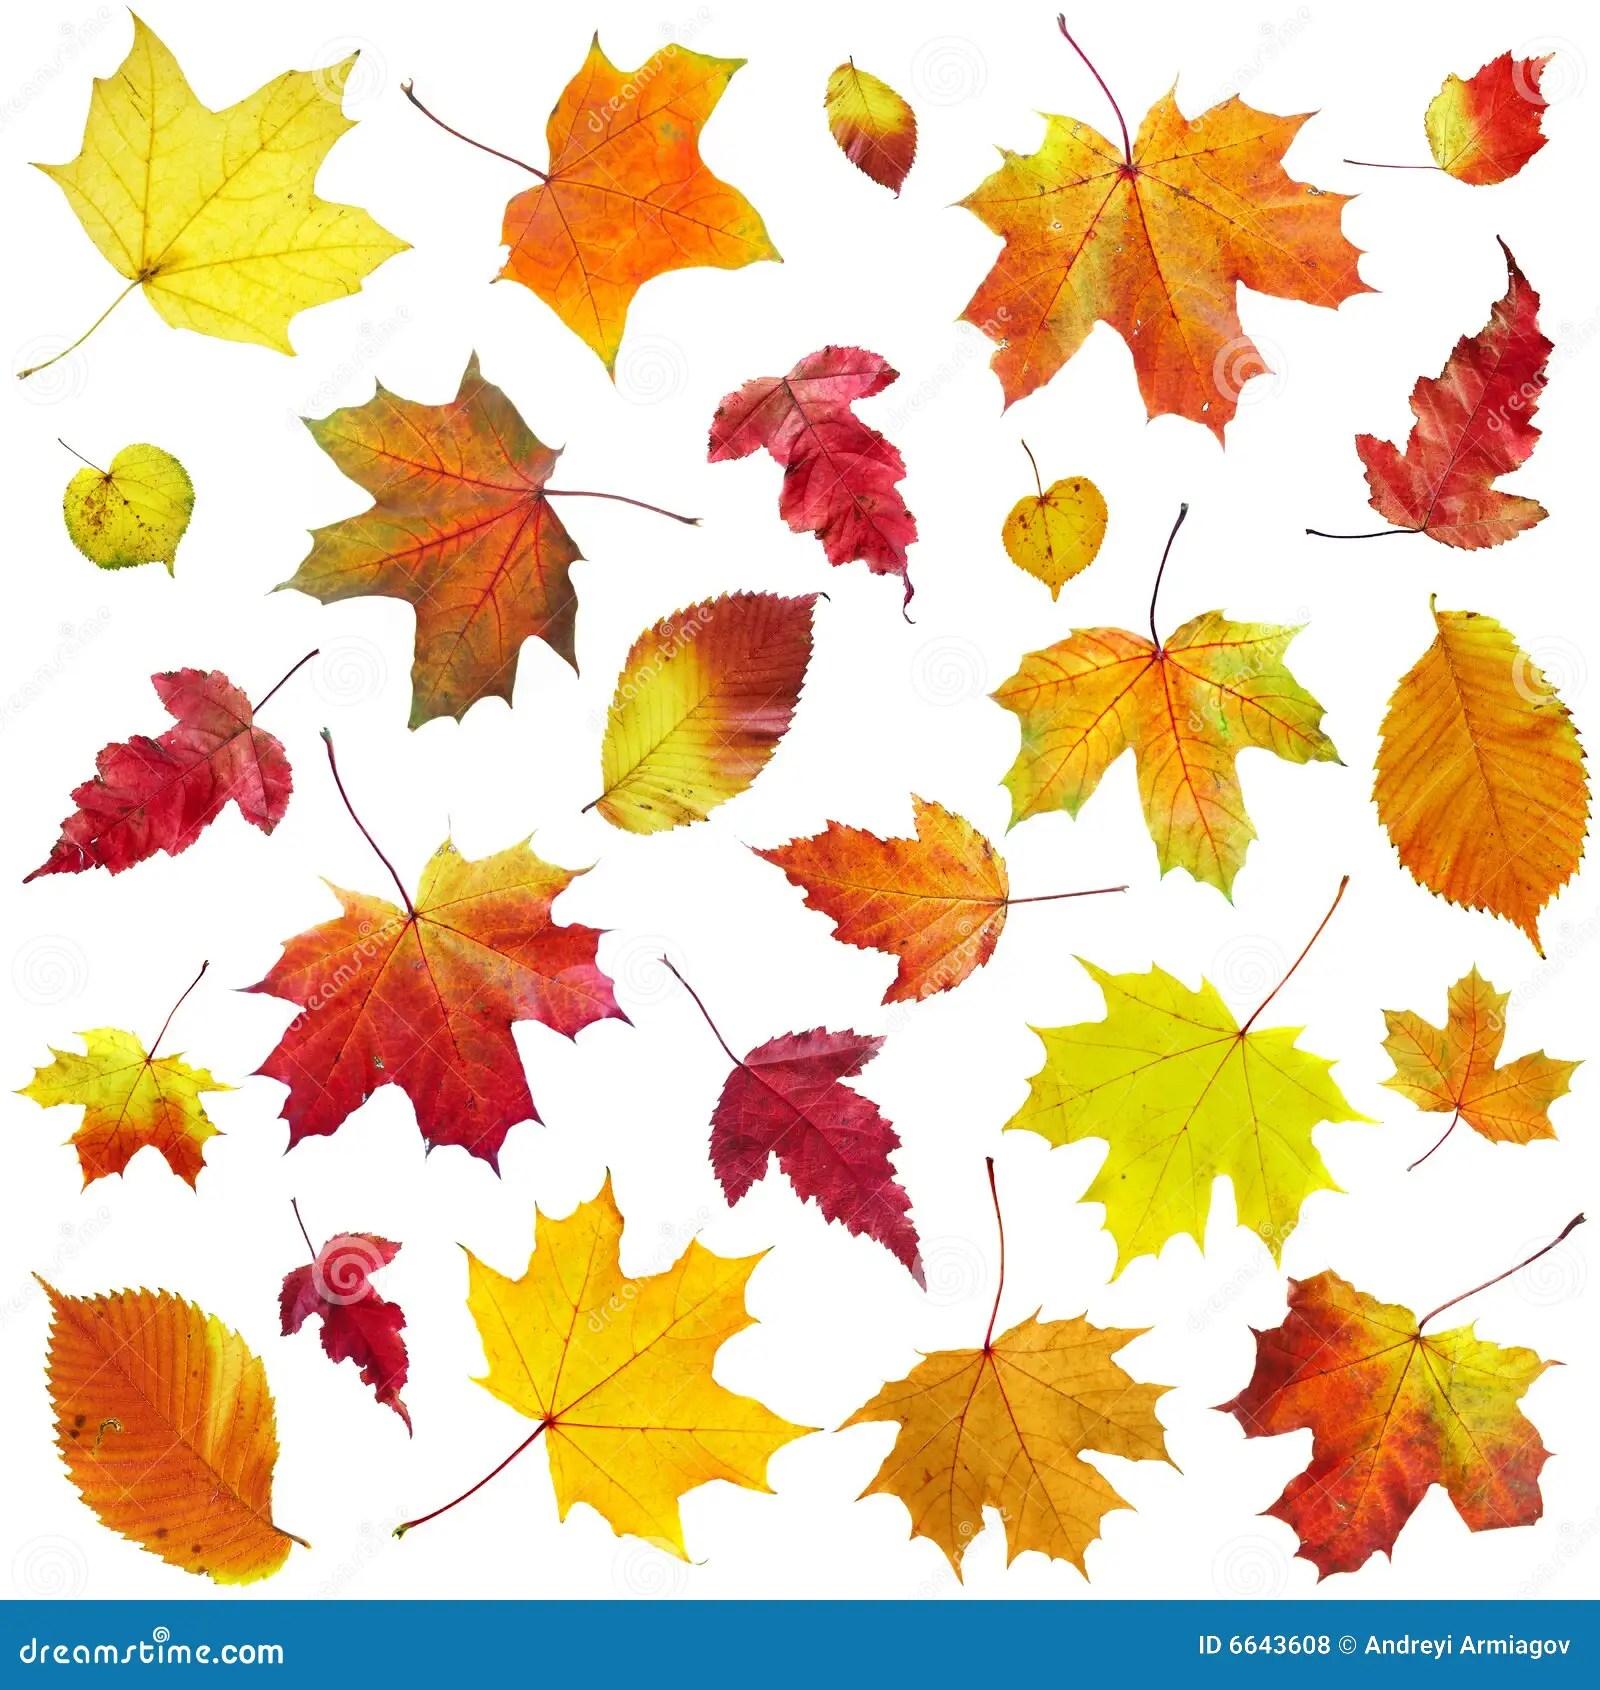 Tree With Leaves Falling Wallpaper De Bladeren Van De Herfst Op Een Witte Achtergrond Stock